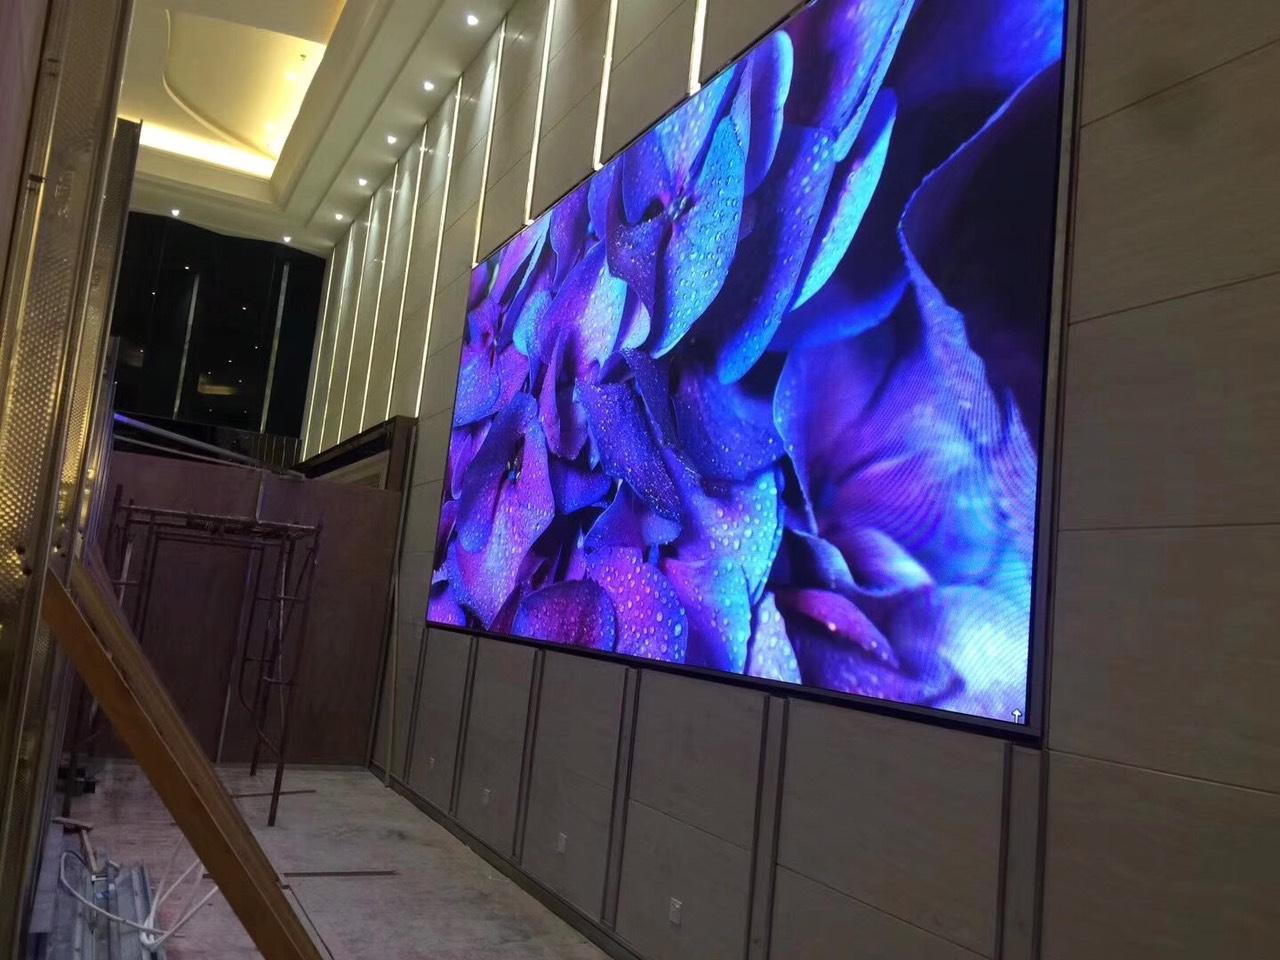 màn hình led p2 screen (1) - Sao chép